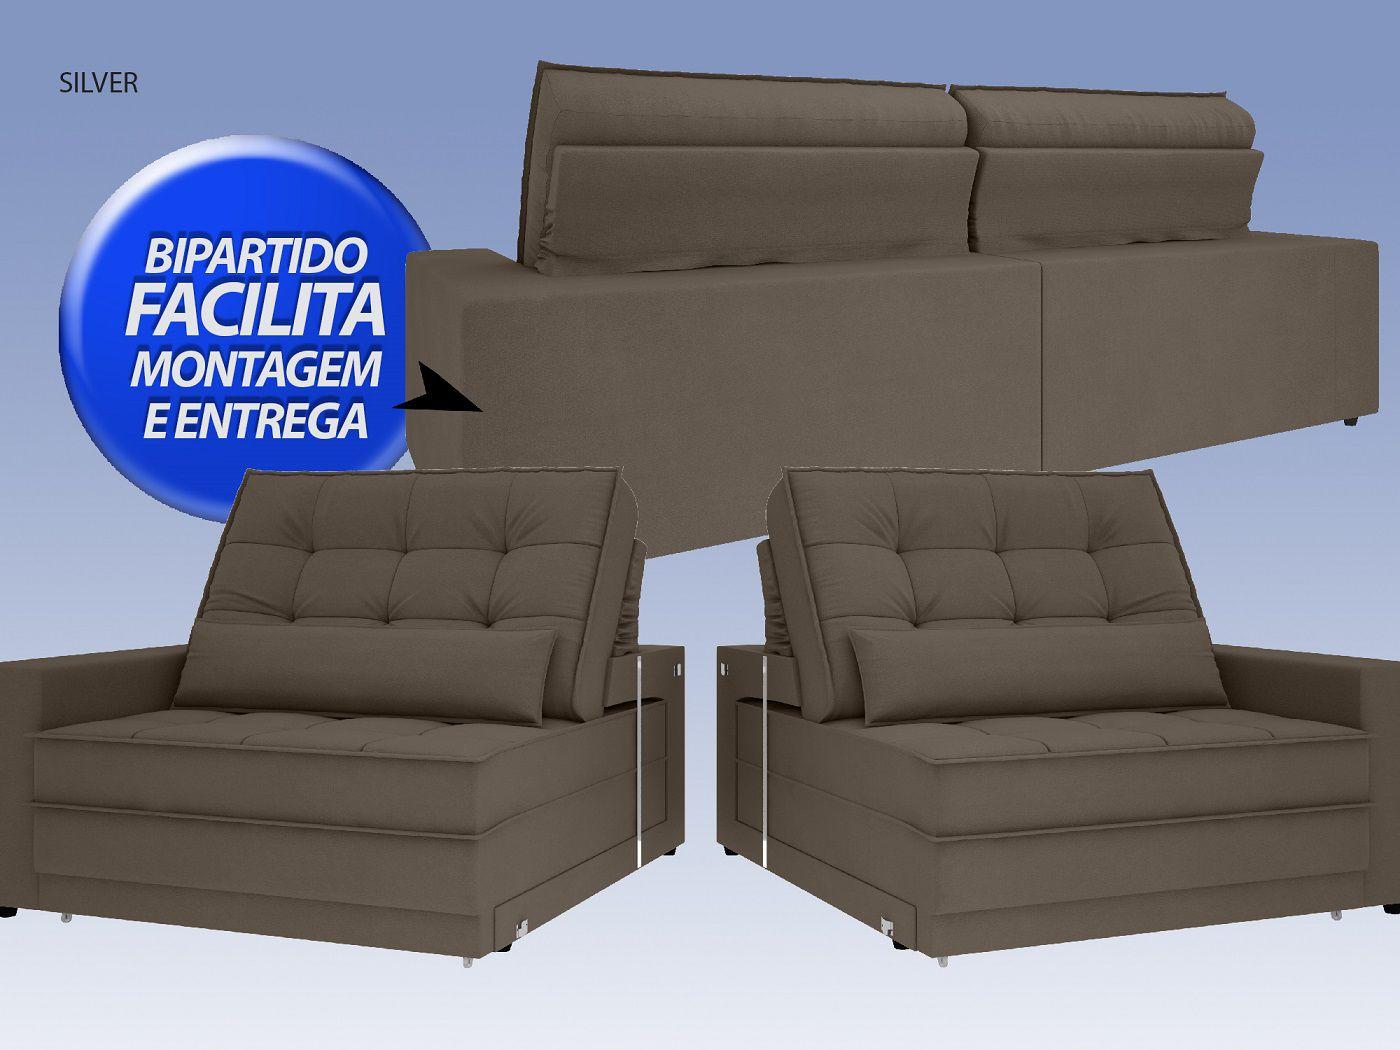 Sofá Silver 2,00m Retrátil e Reclinável Velosuede Marrom - NETSOFAS  - NETSOFÁS